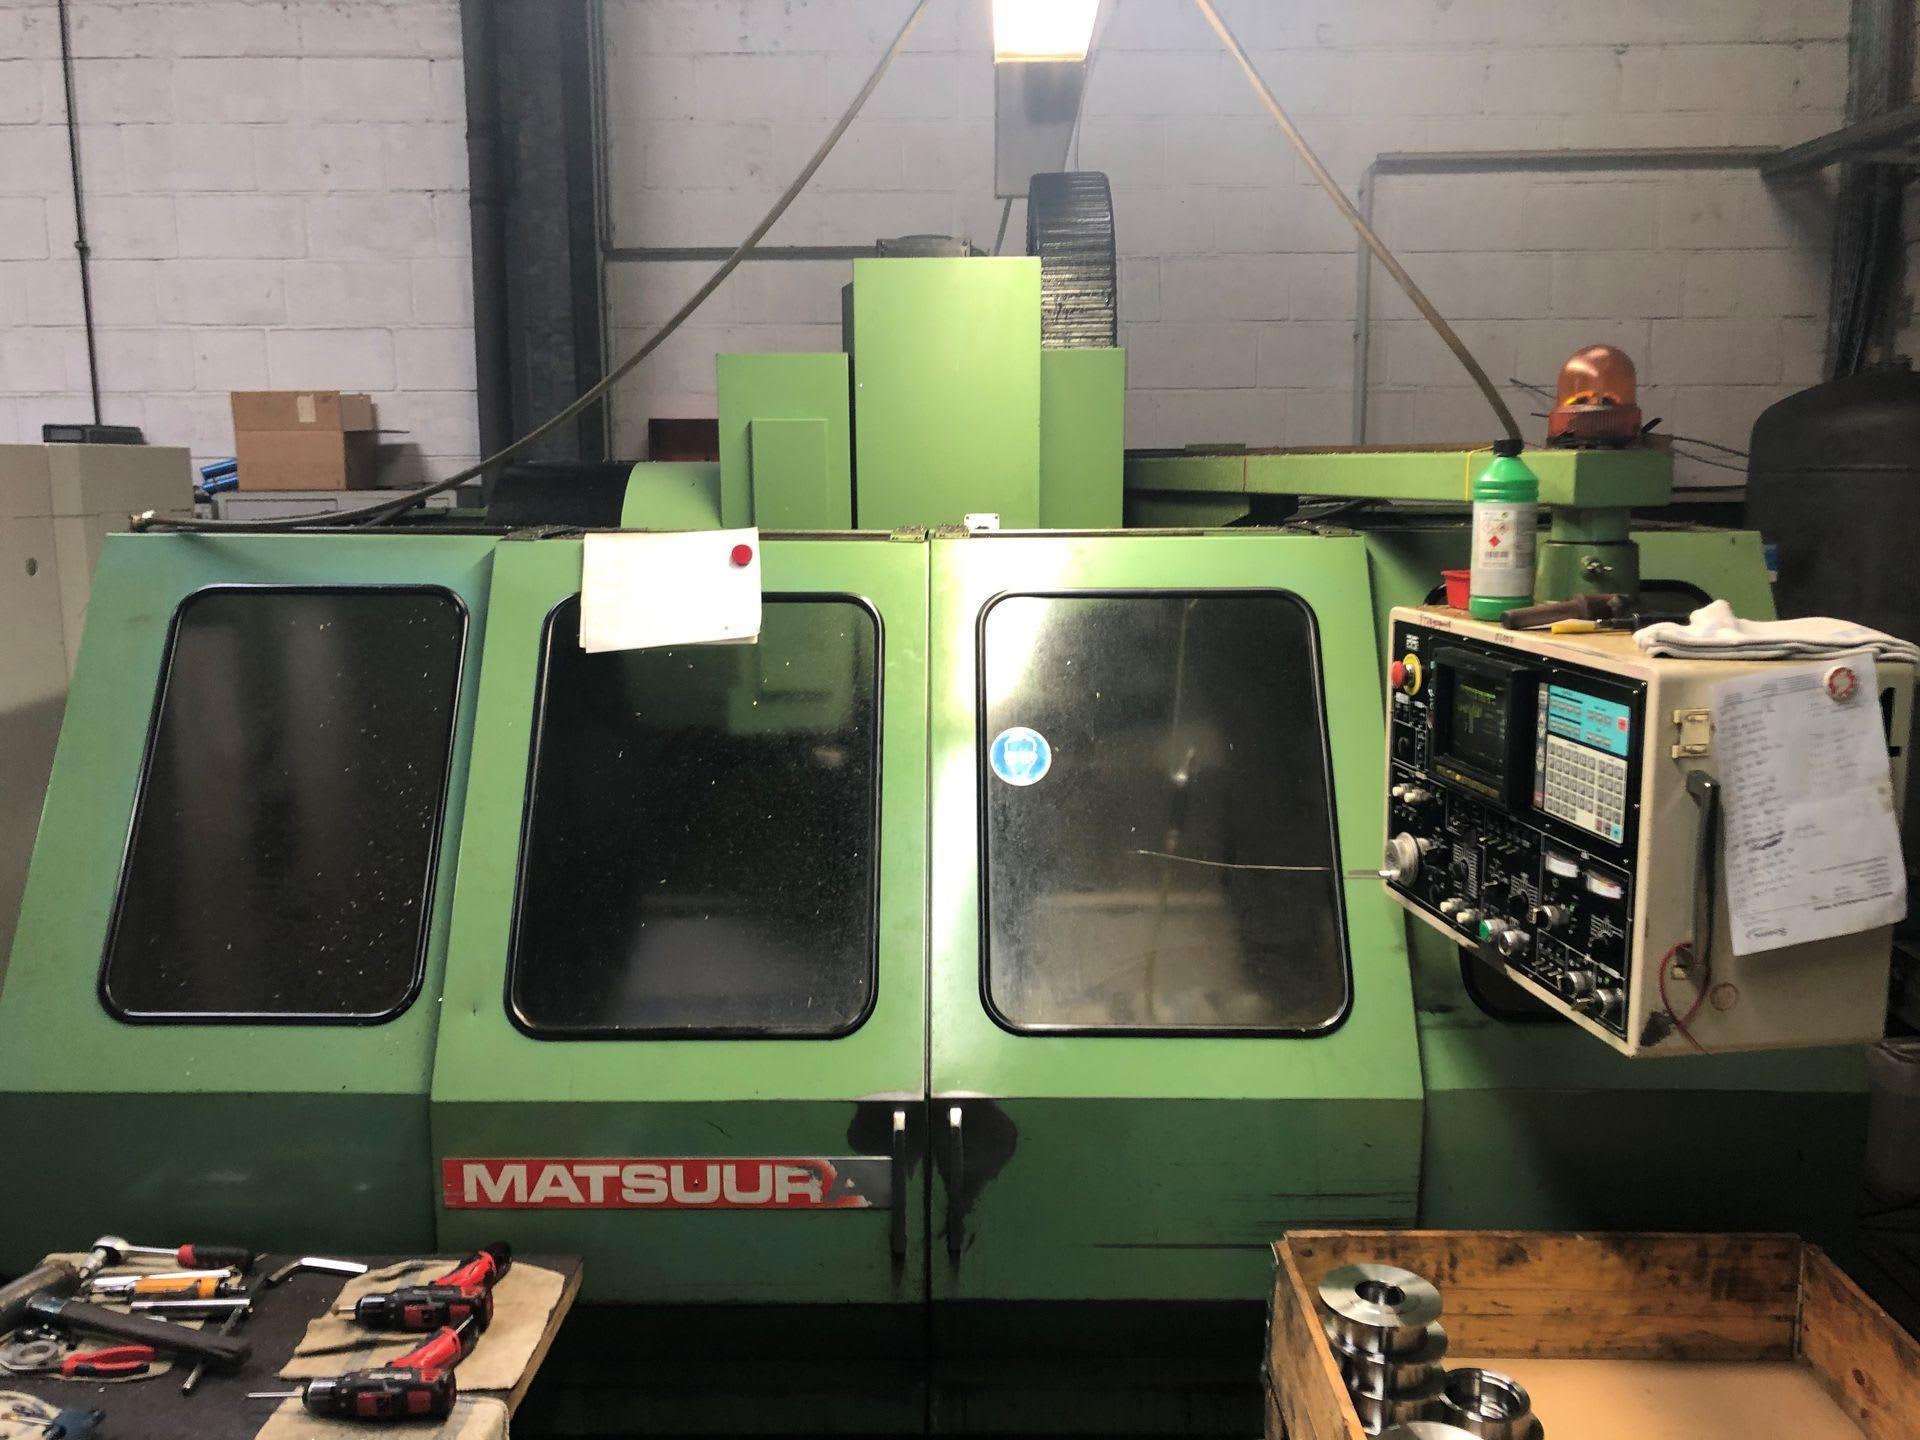 MATSUURA VM 760 VX Vertikal-Bearbeitungszentrum